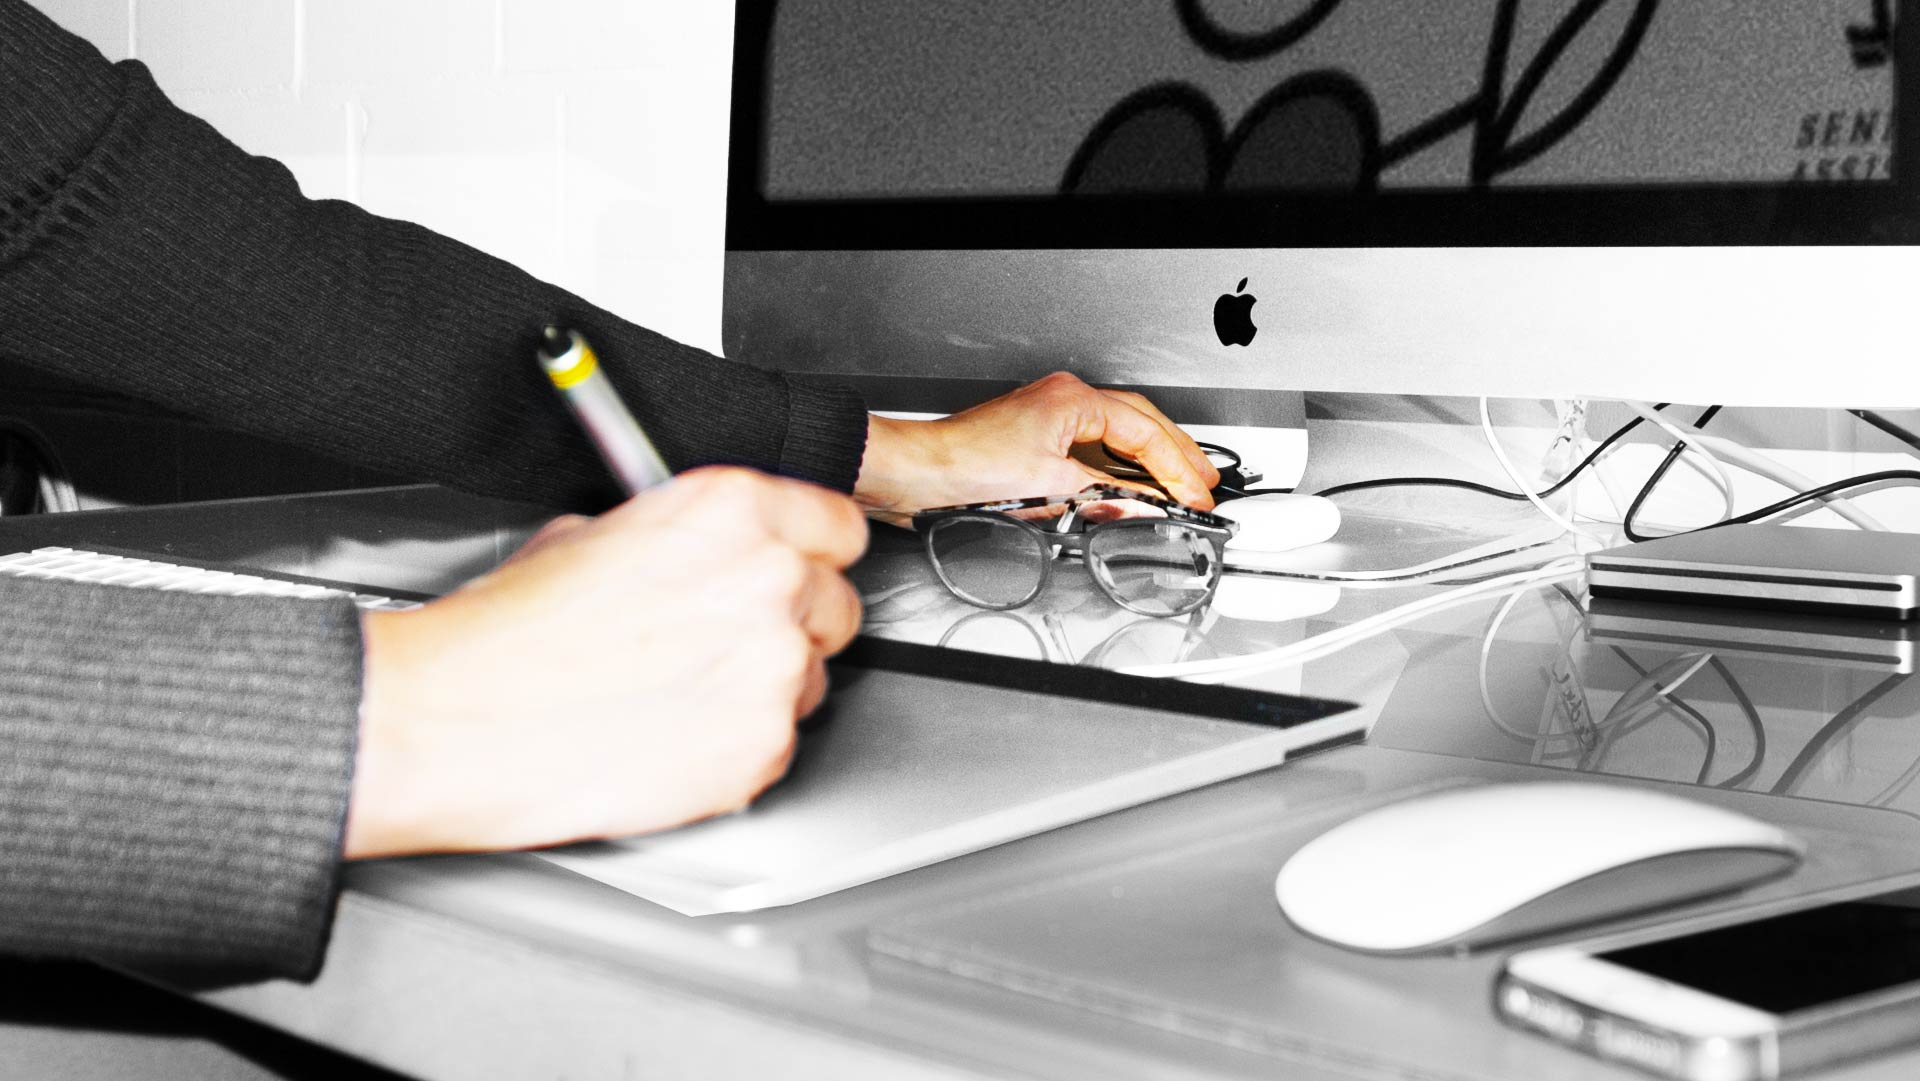 Arbeitsplatz Inken Webler - Arbeiten mit Wacom Stifttablett am i Mac